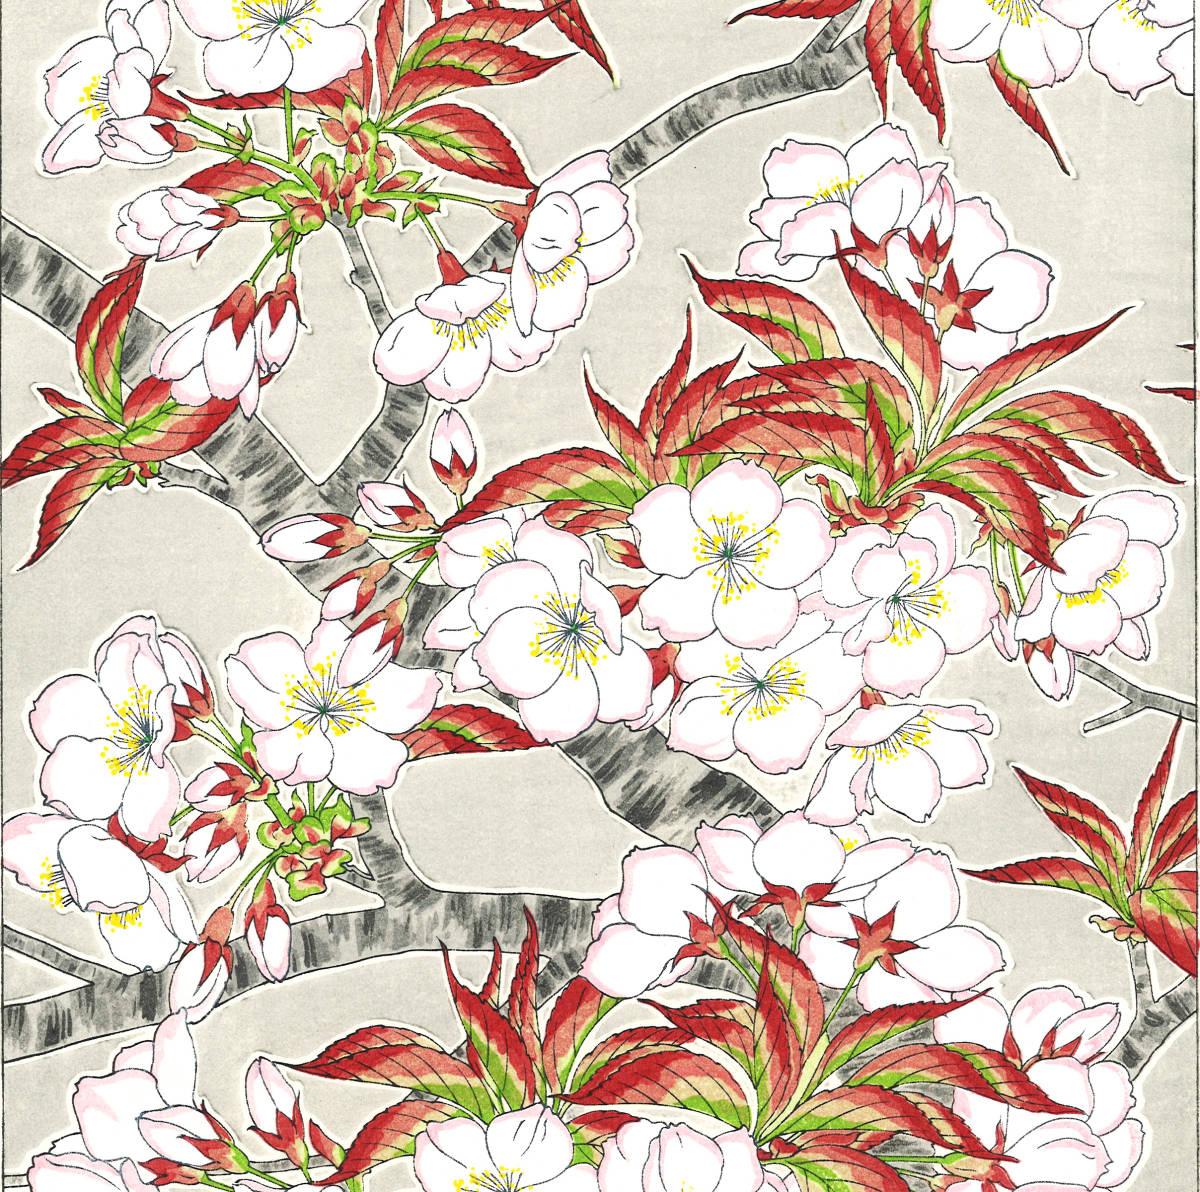 河原崎奨堂 (Kawarazaki Shodo) (1899~1973) 木版画 F020 桜 花版画 (cherry) 初版昭和初期~ 京都の一流の摺師の技をご堪能下さい。_画像7